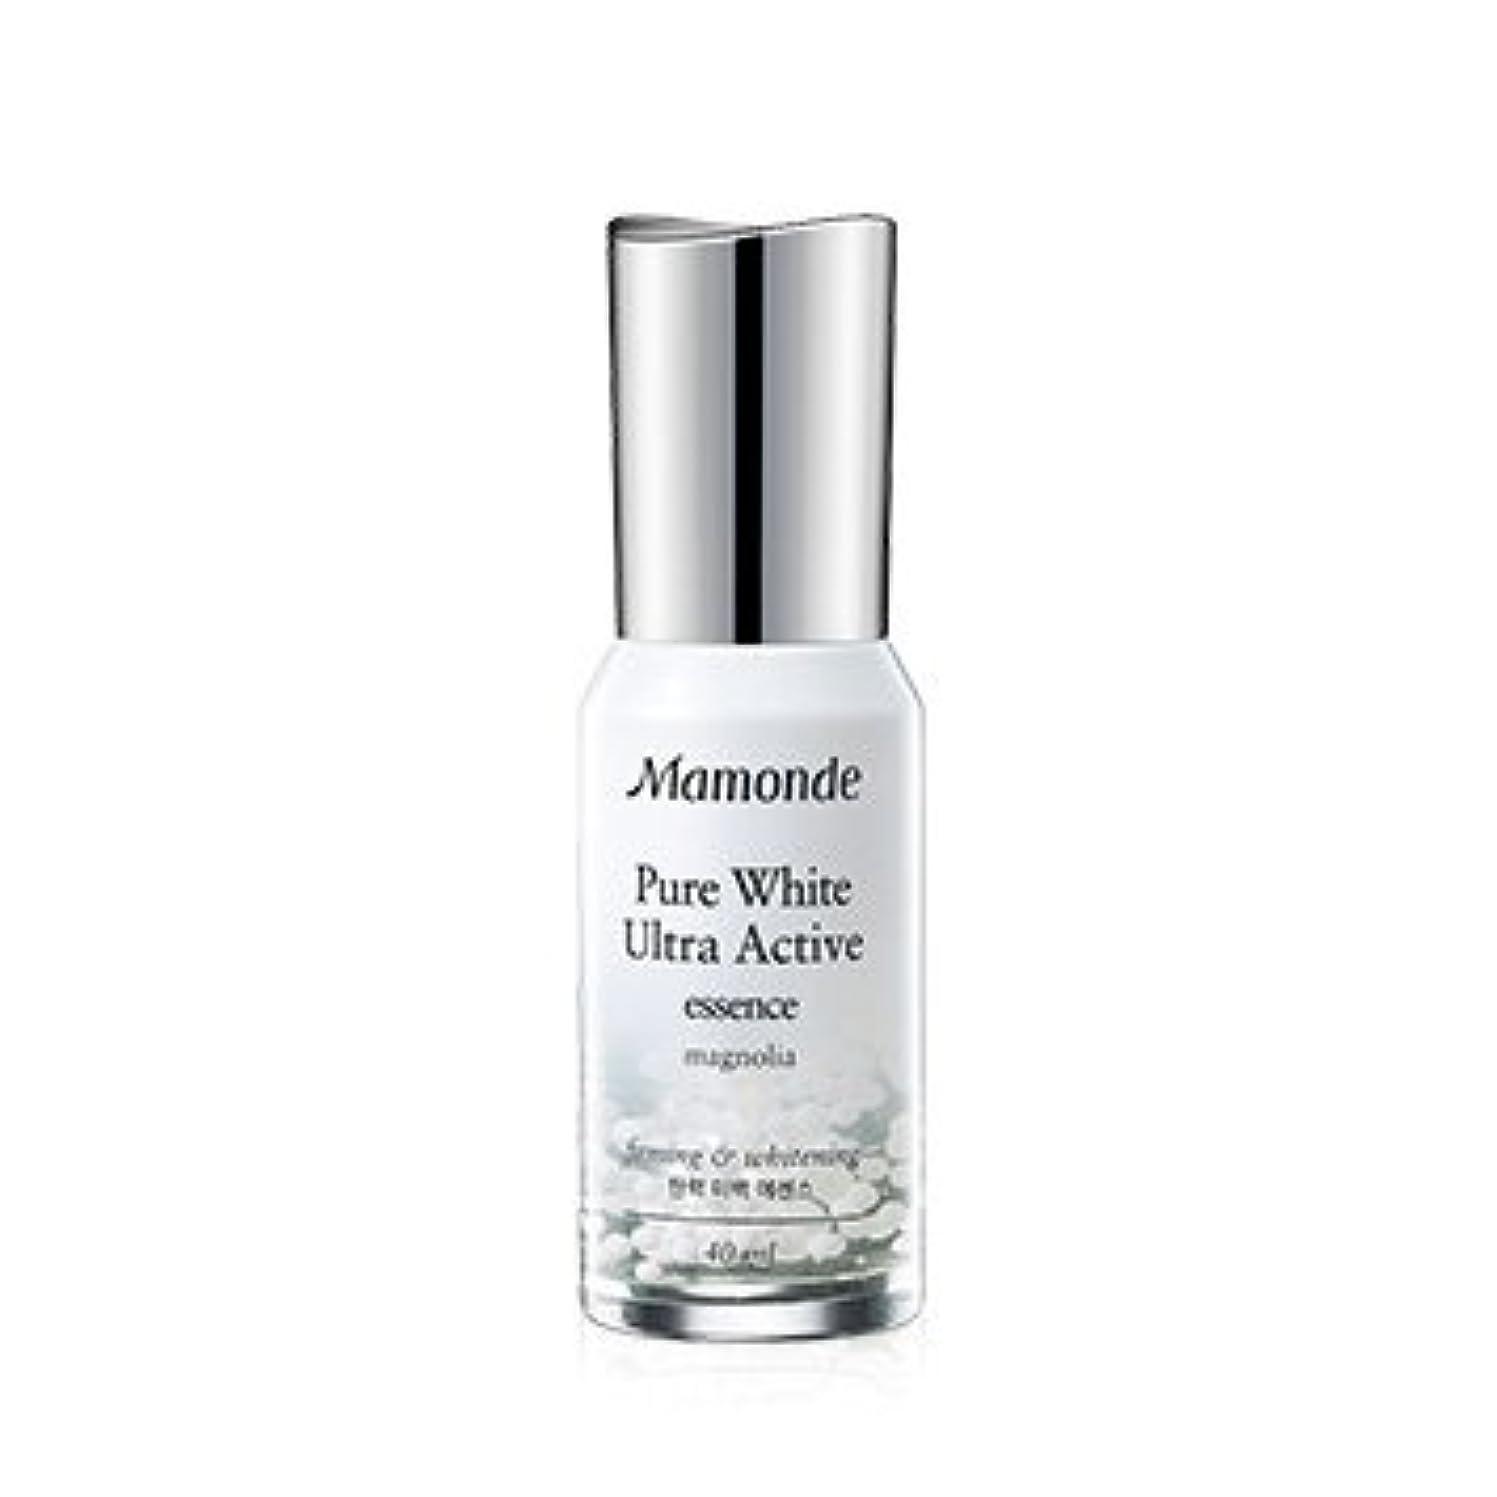 不和規模文芸Mamonde Pure White Ultra Active Essence 40ml/マモンド ピュア ホワイト ウルトラ アクティブ エッセンス 40ml [並行輸入品]